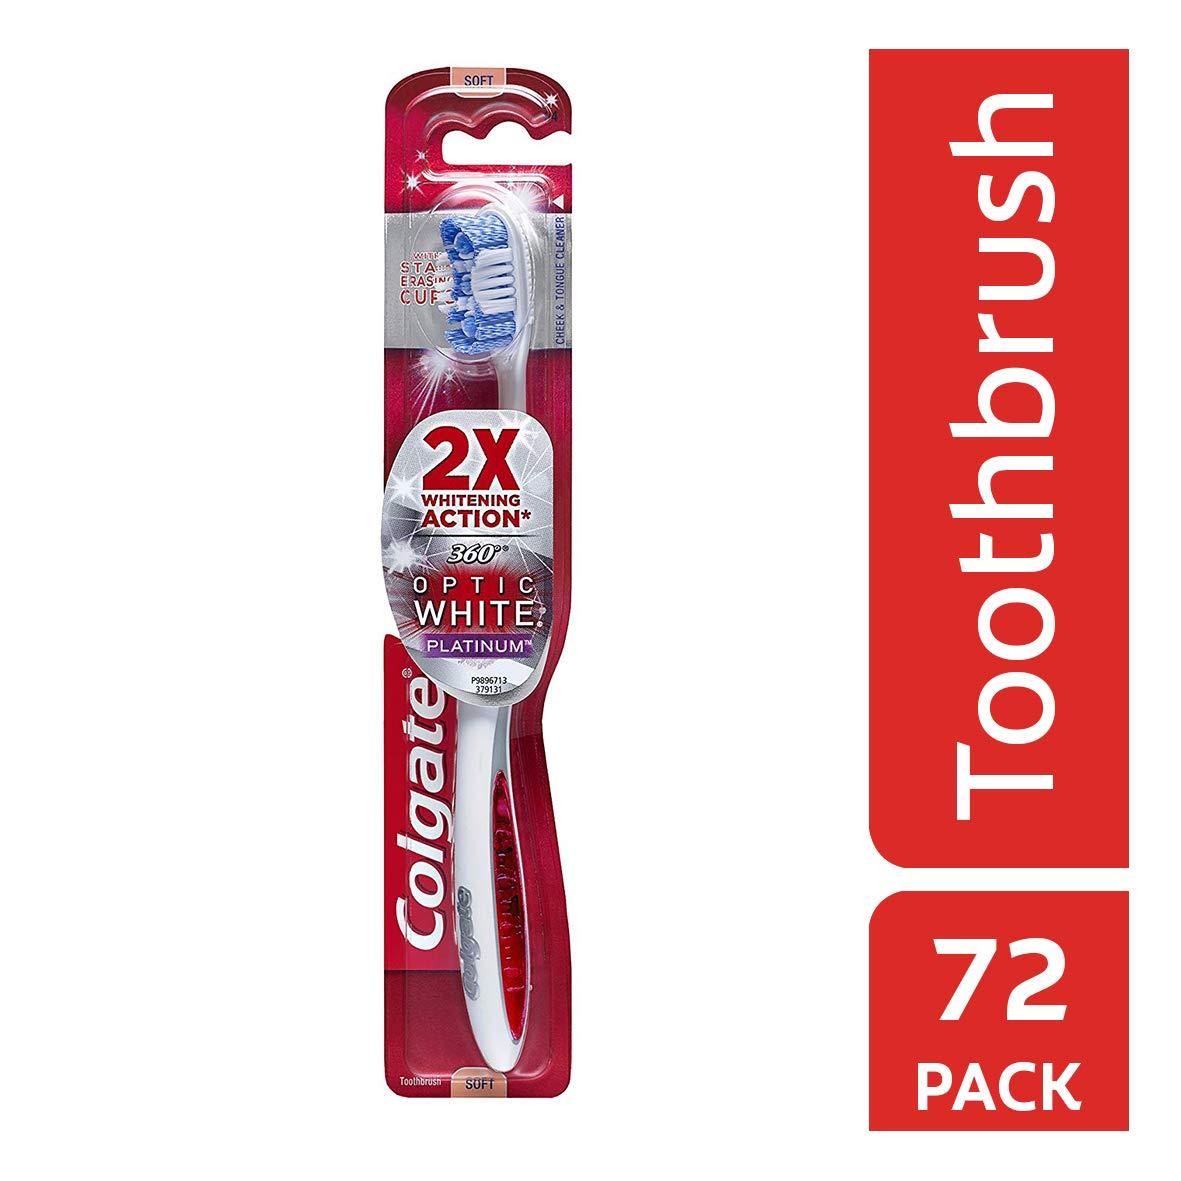 Colgate 360 Optic White Platinum Whitening Toothbrush, Soft (72 Pack)